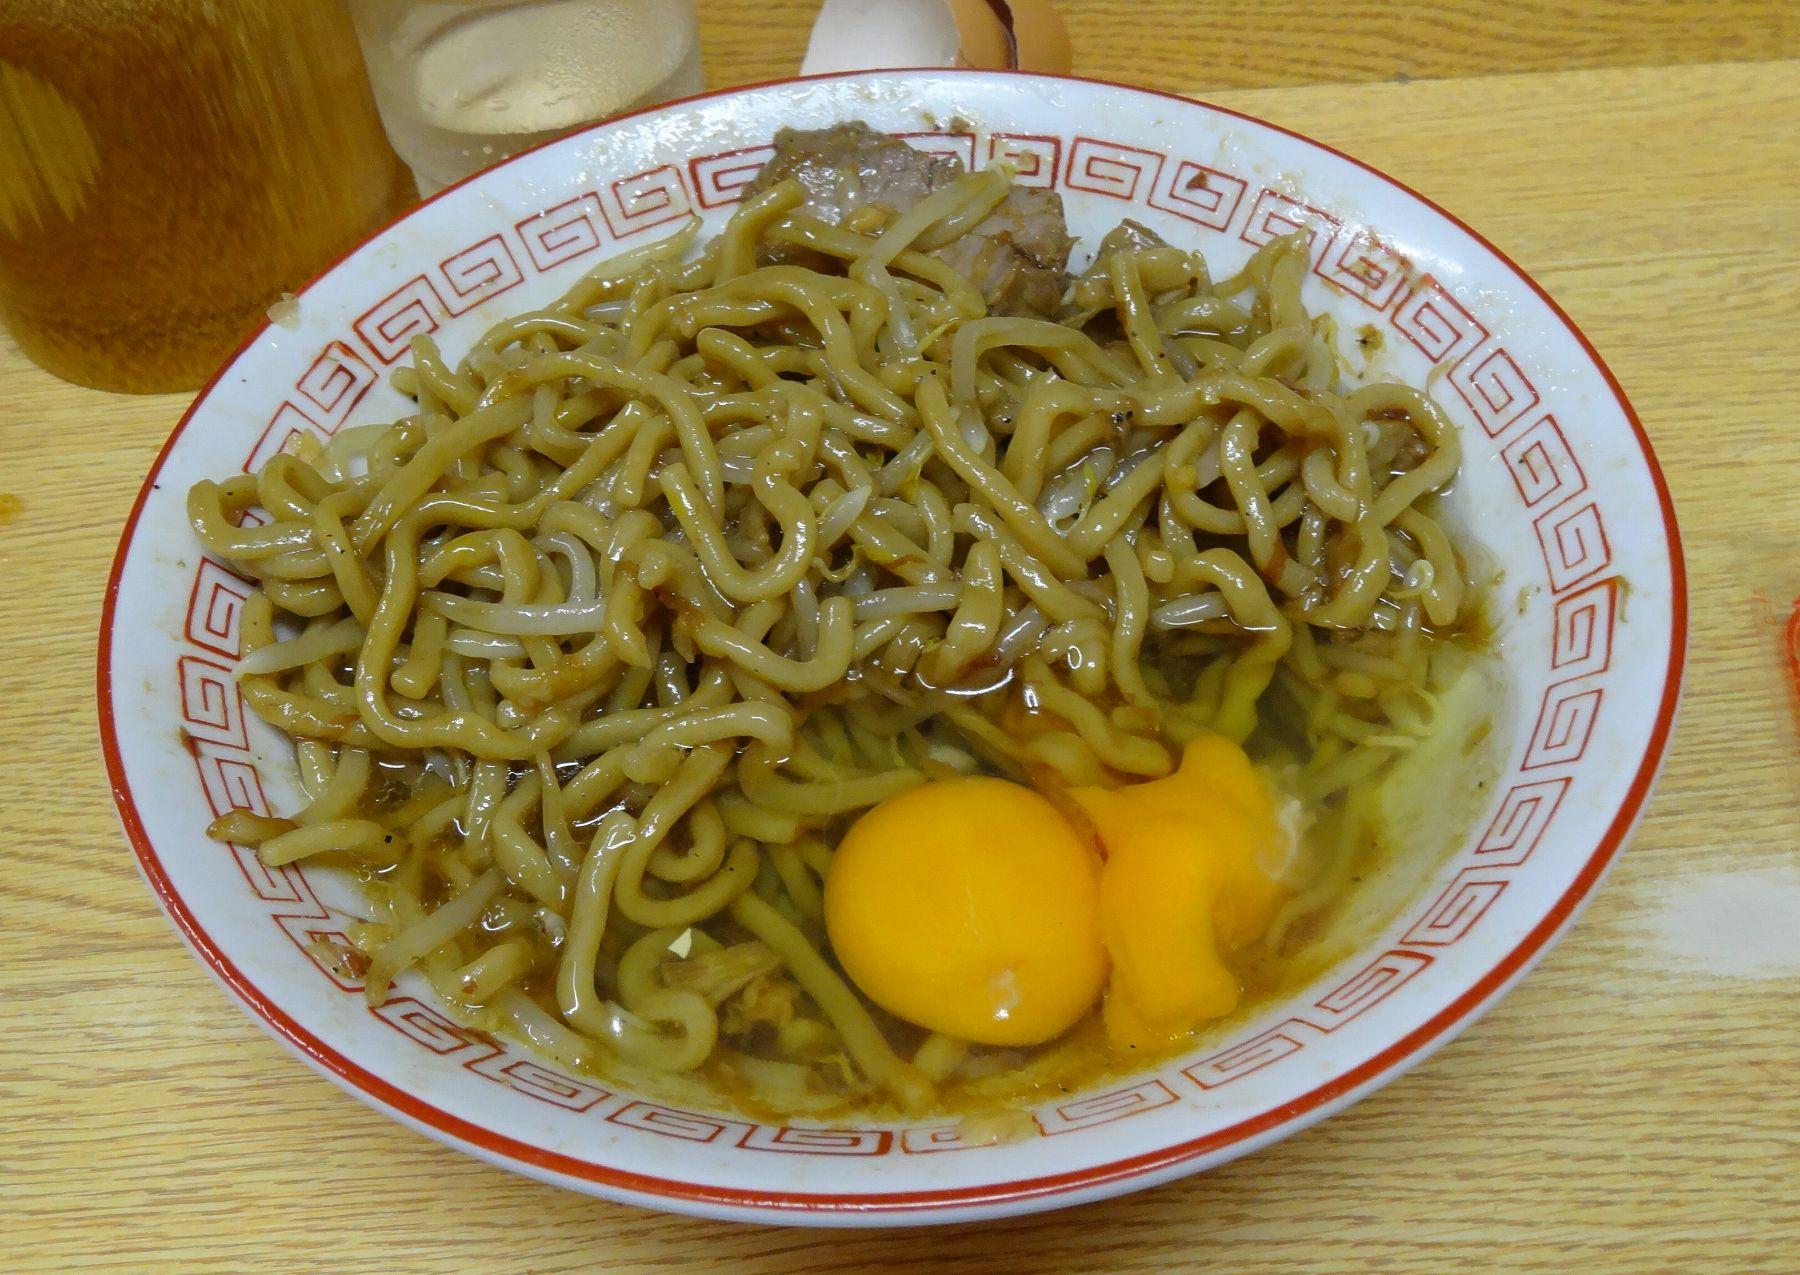 20120921014shindaita.jpg